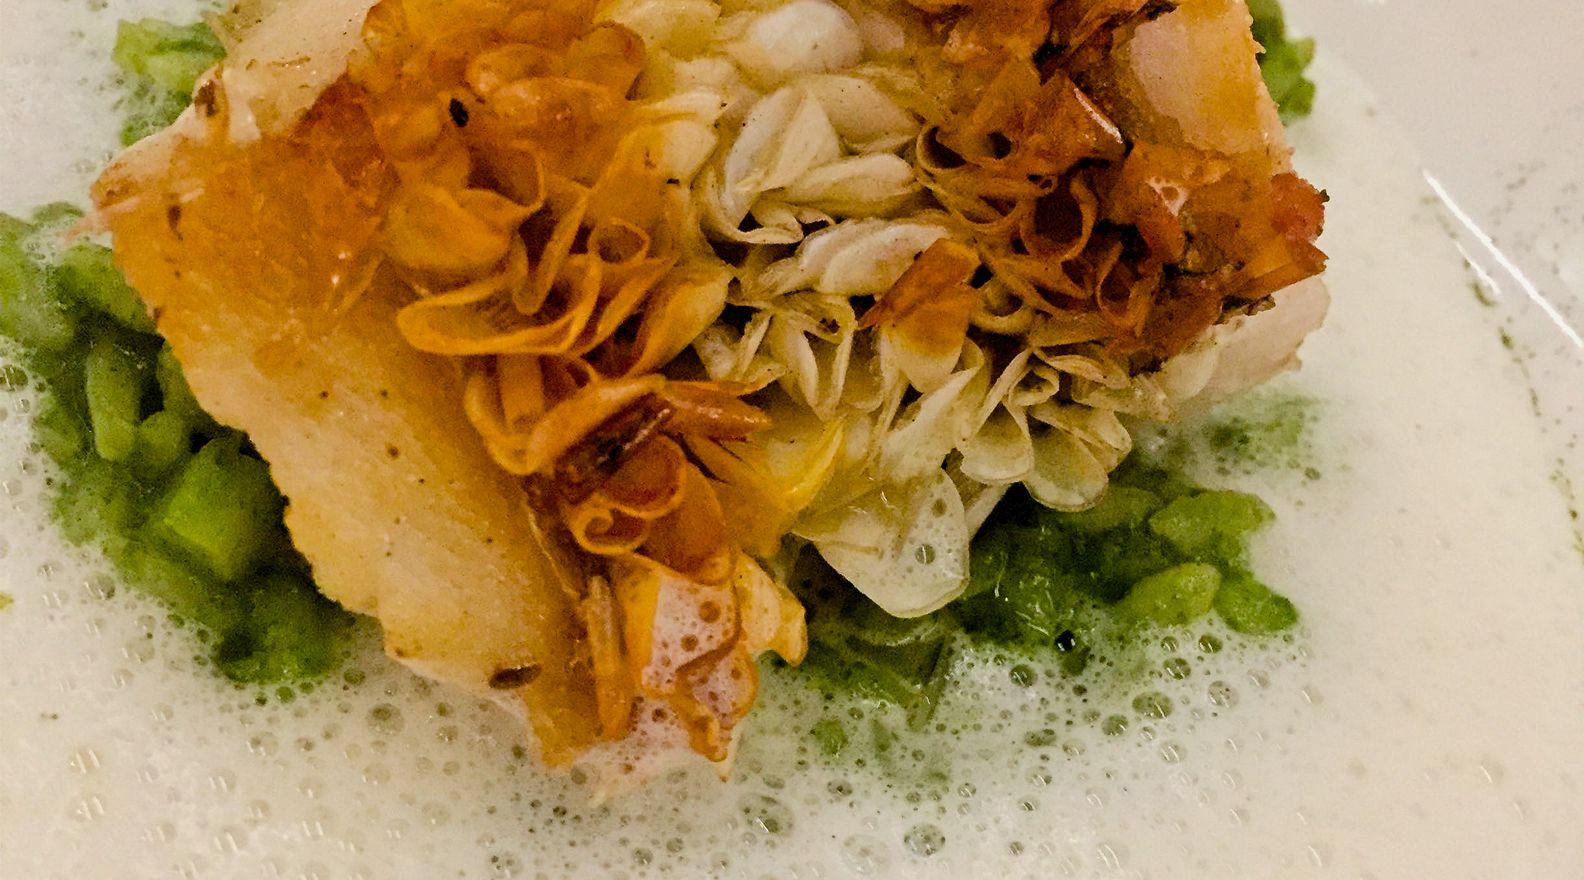 A Gastronomic Journey at Epilogue